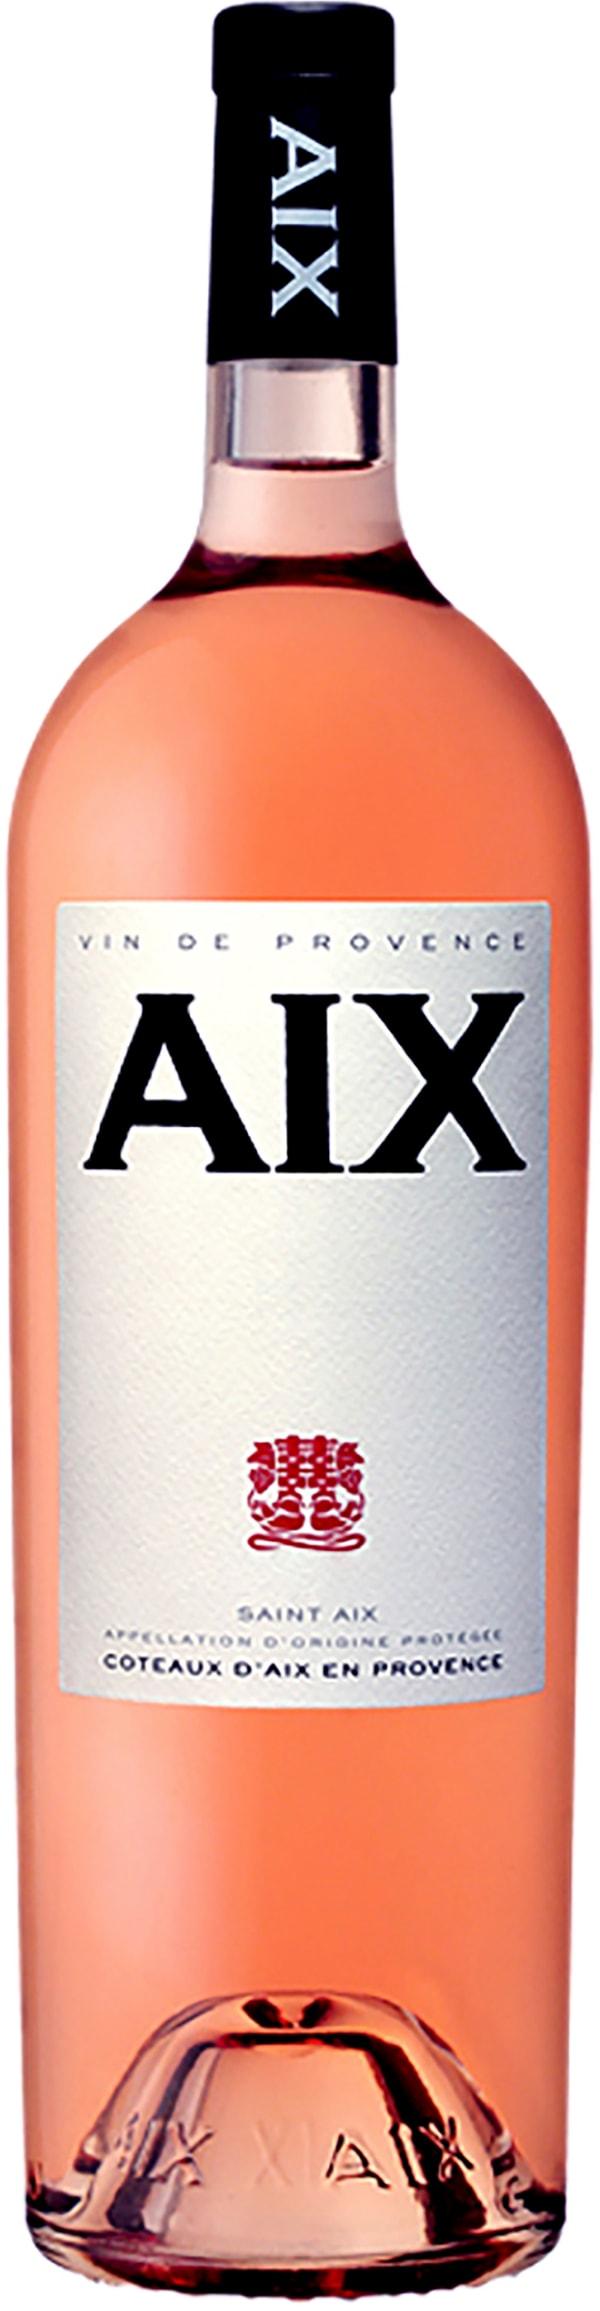 Aix Provence Rosé Magnum 2017